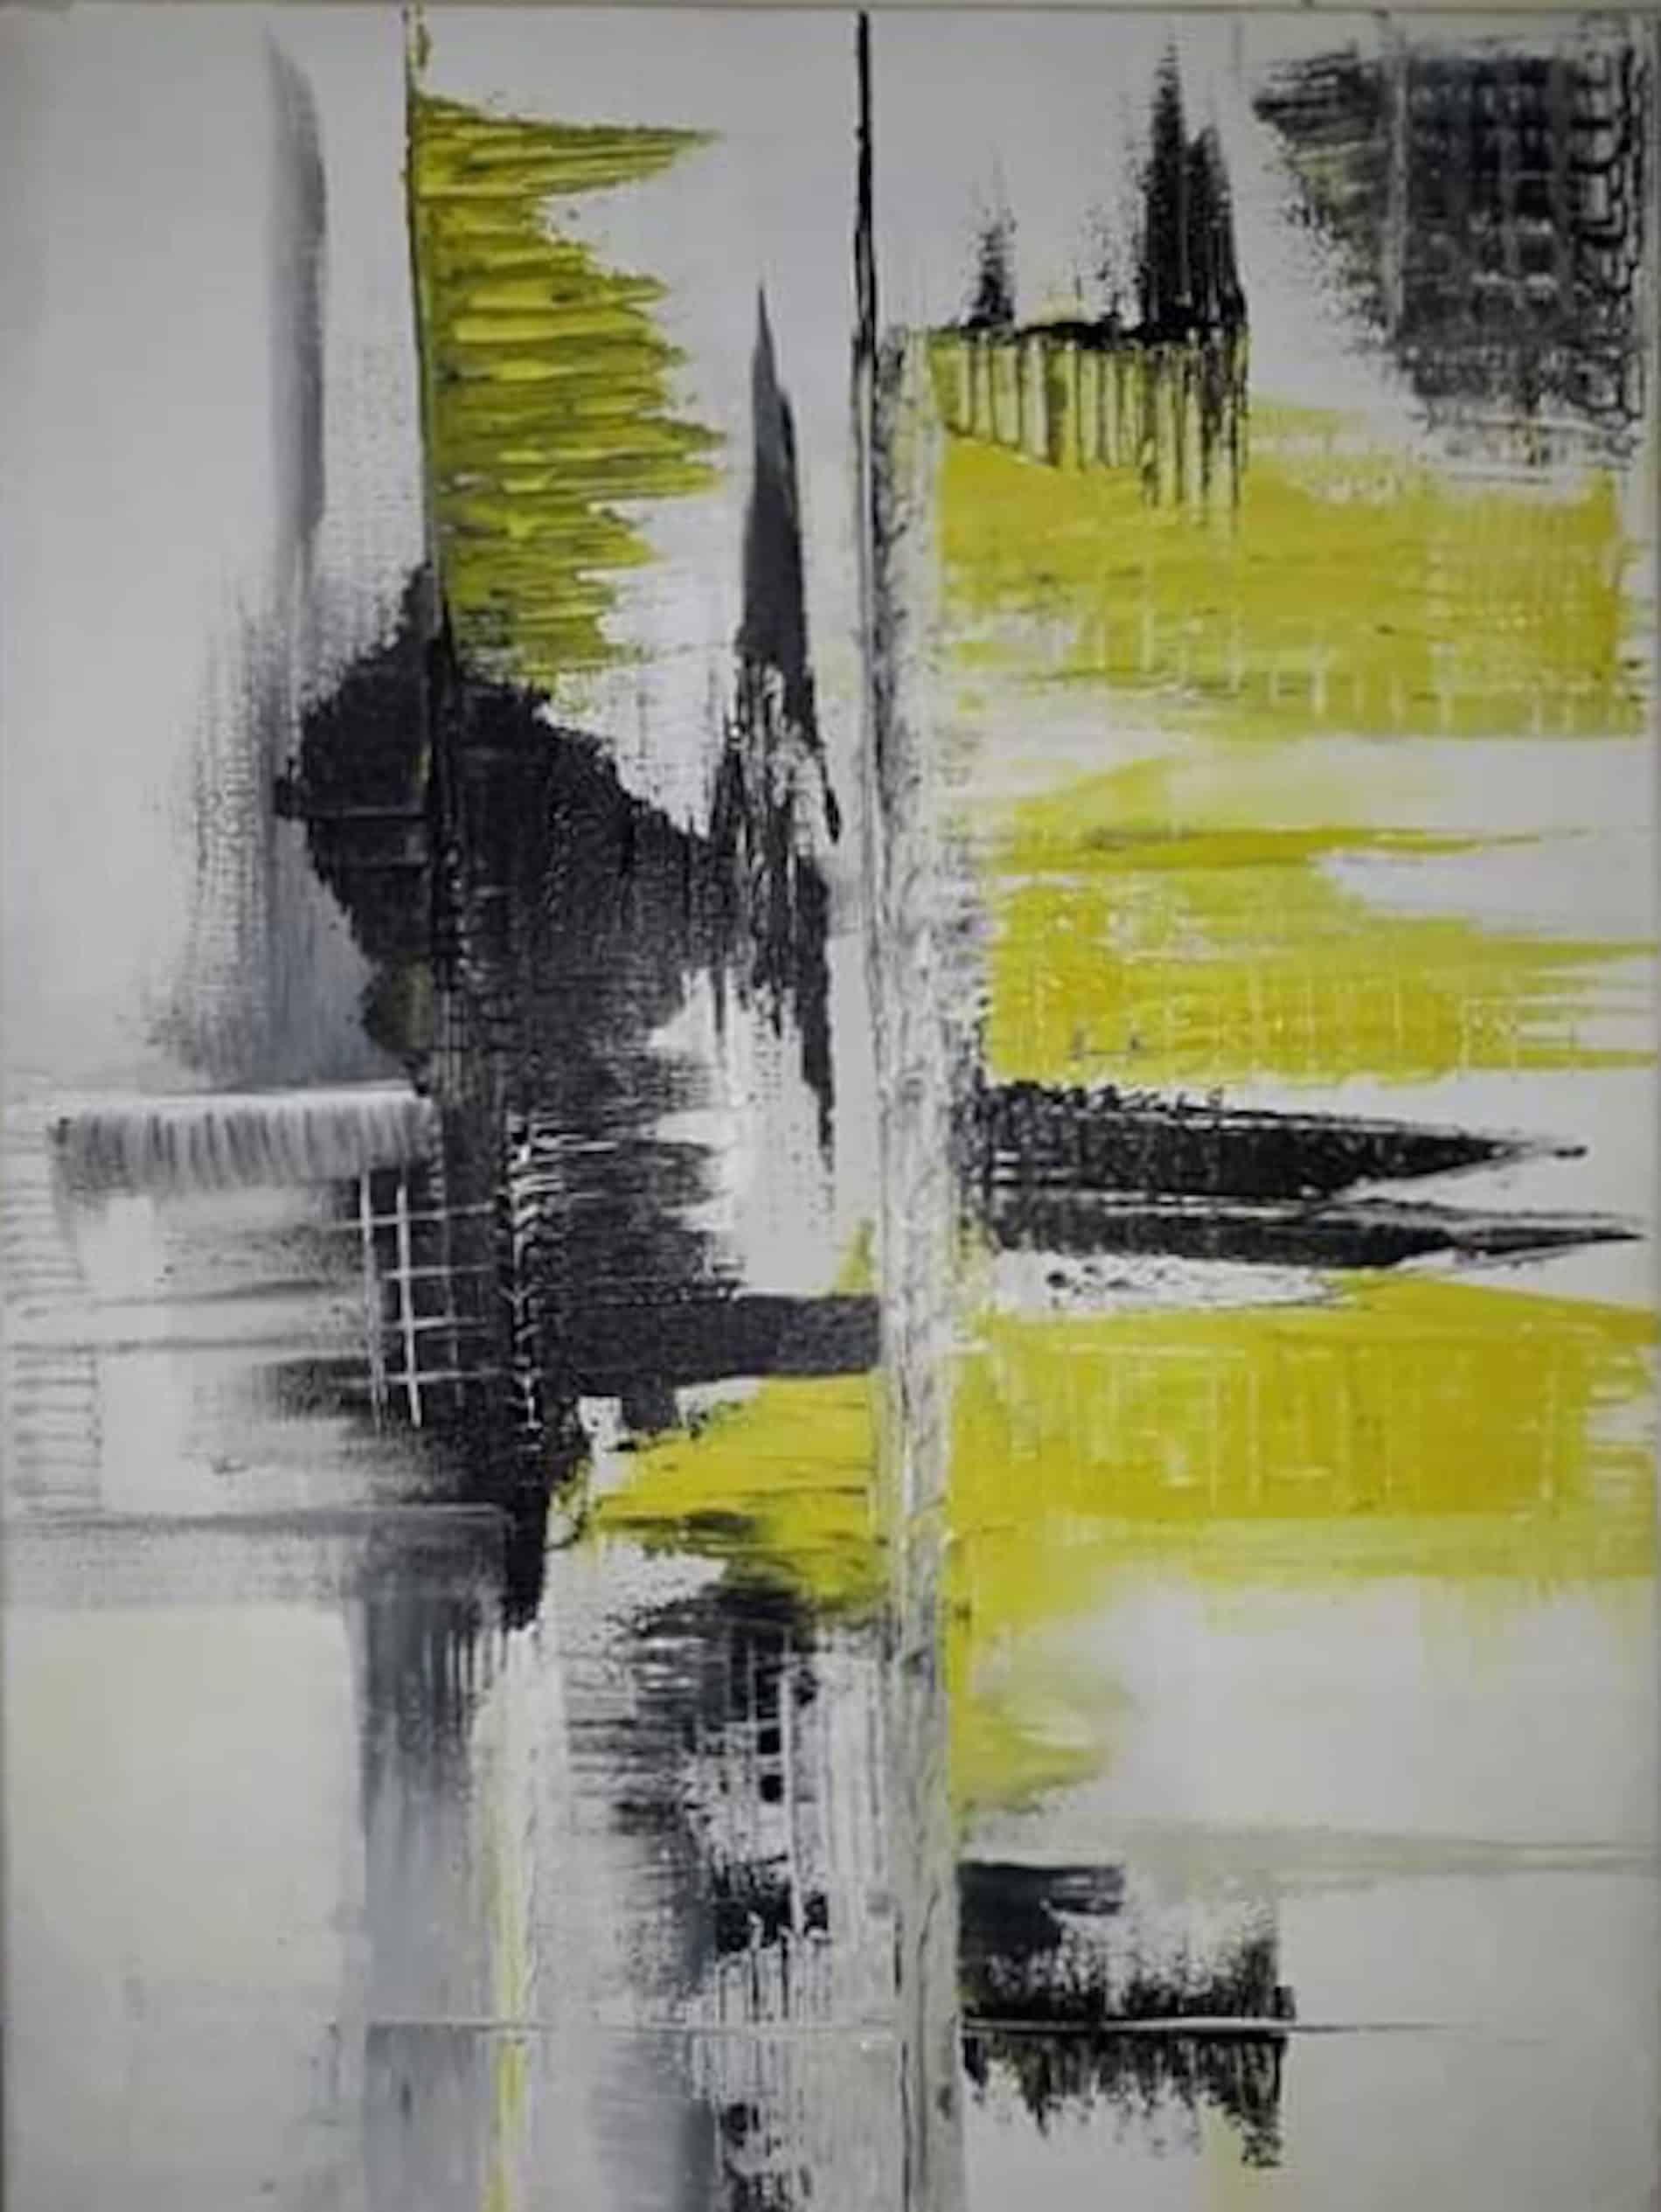 mauritius_arts_juliana_jean__mix_colours